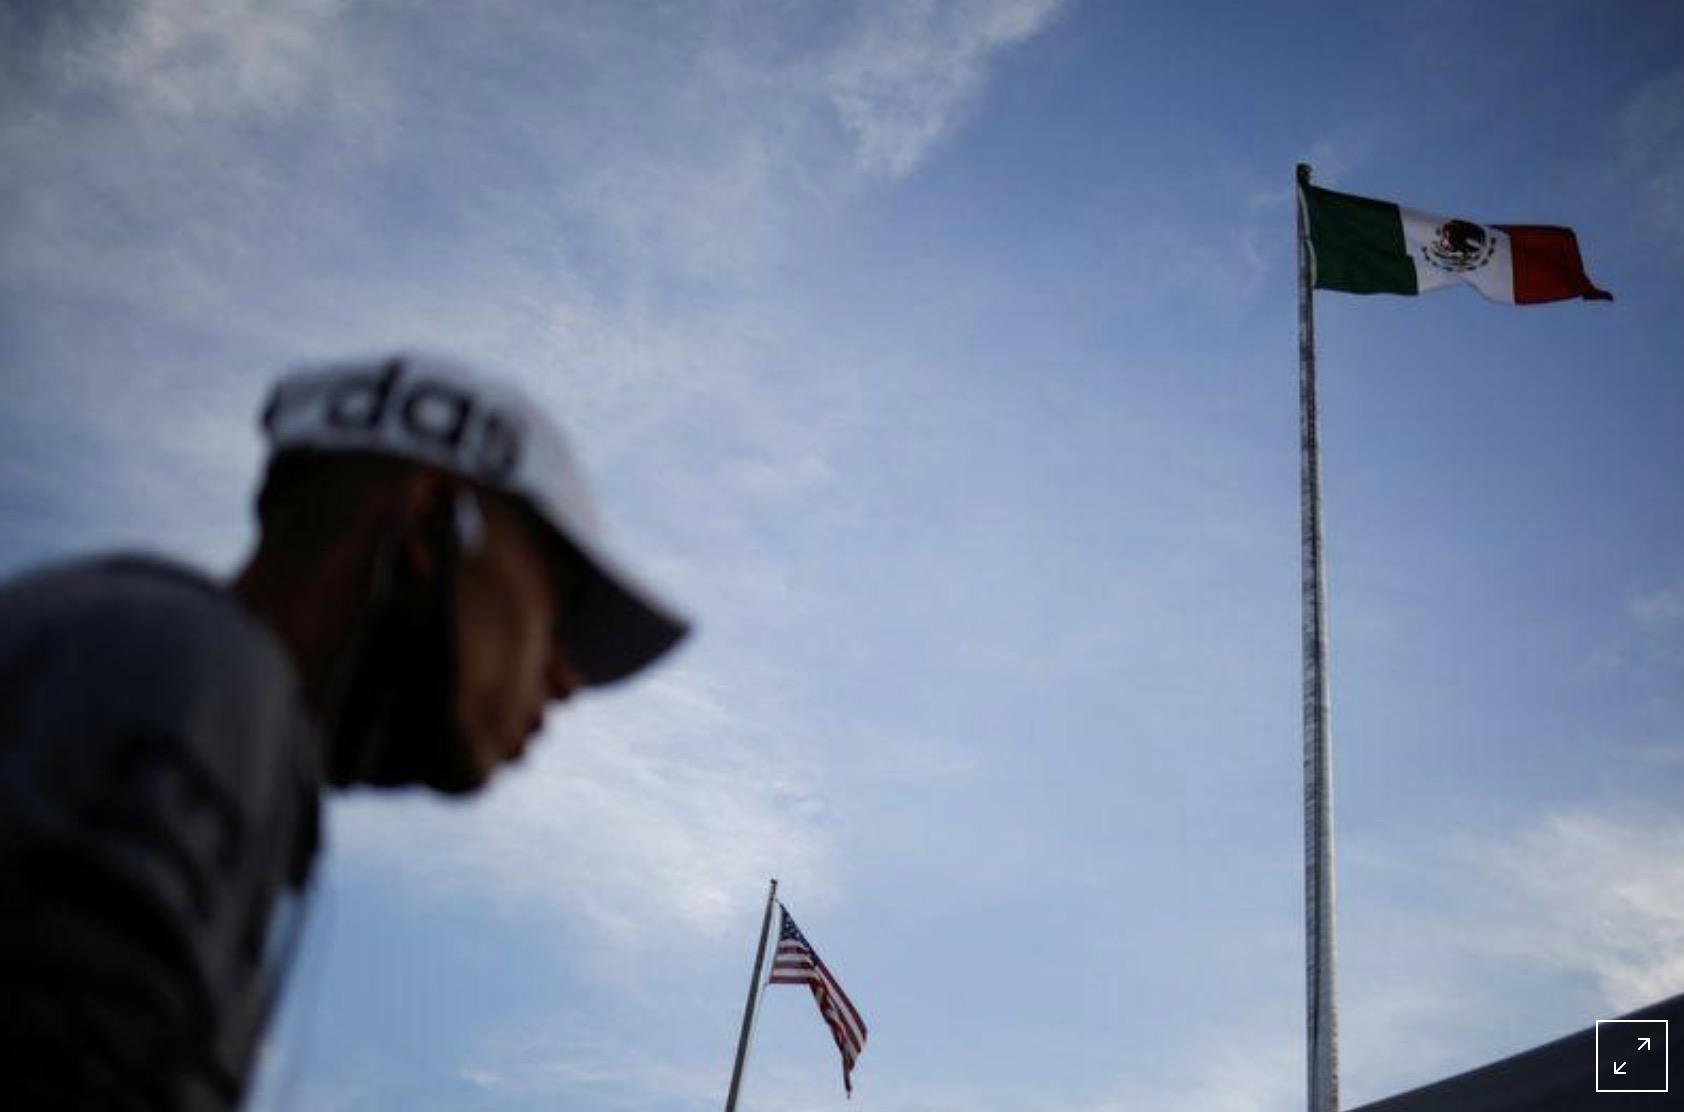 México intensifica controles fronterizos para contener el coronavirus durante feriado en EEUU